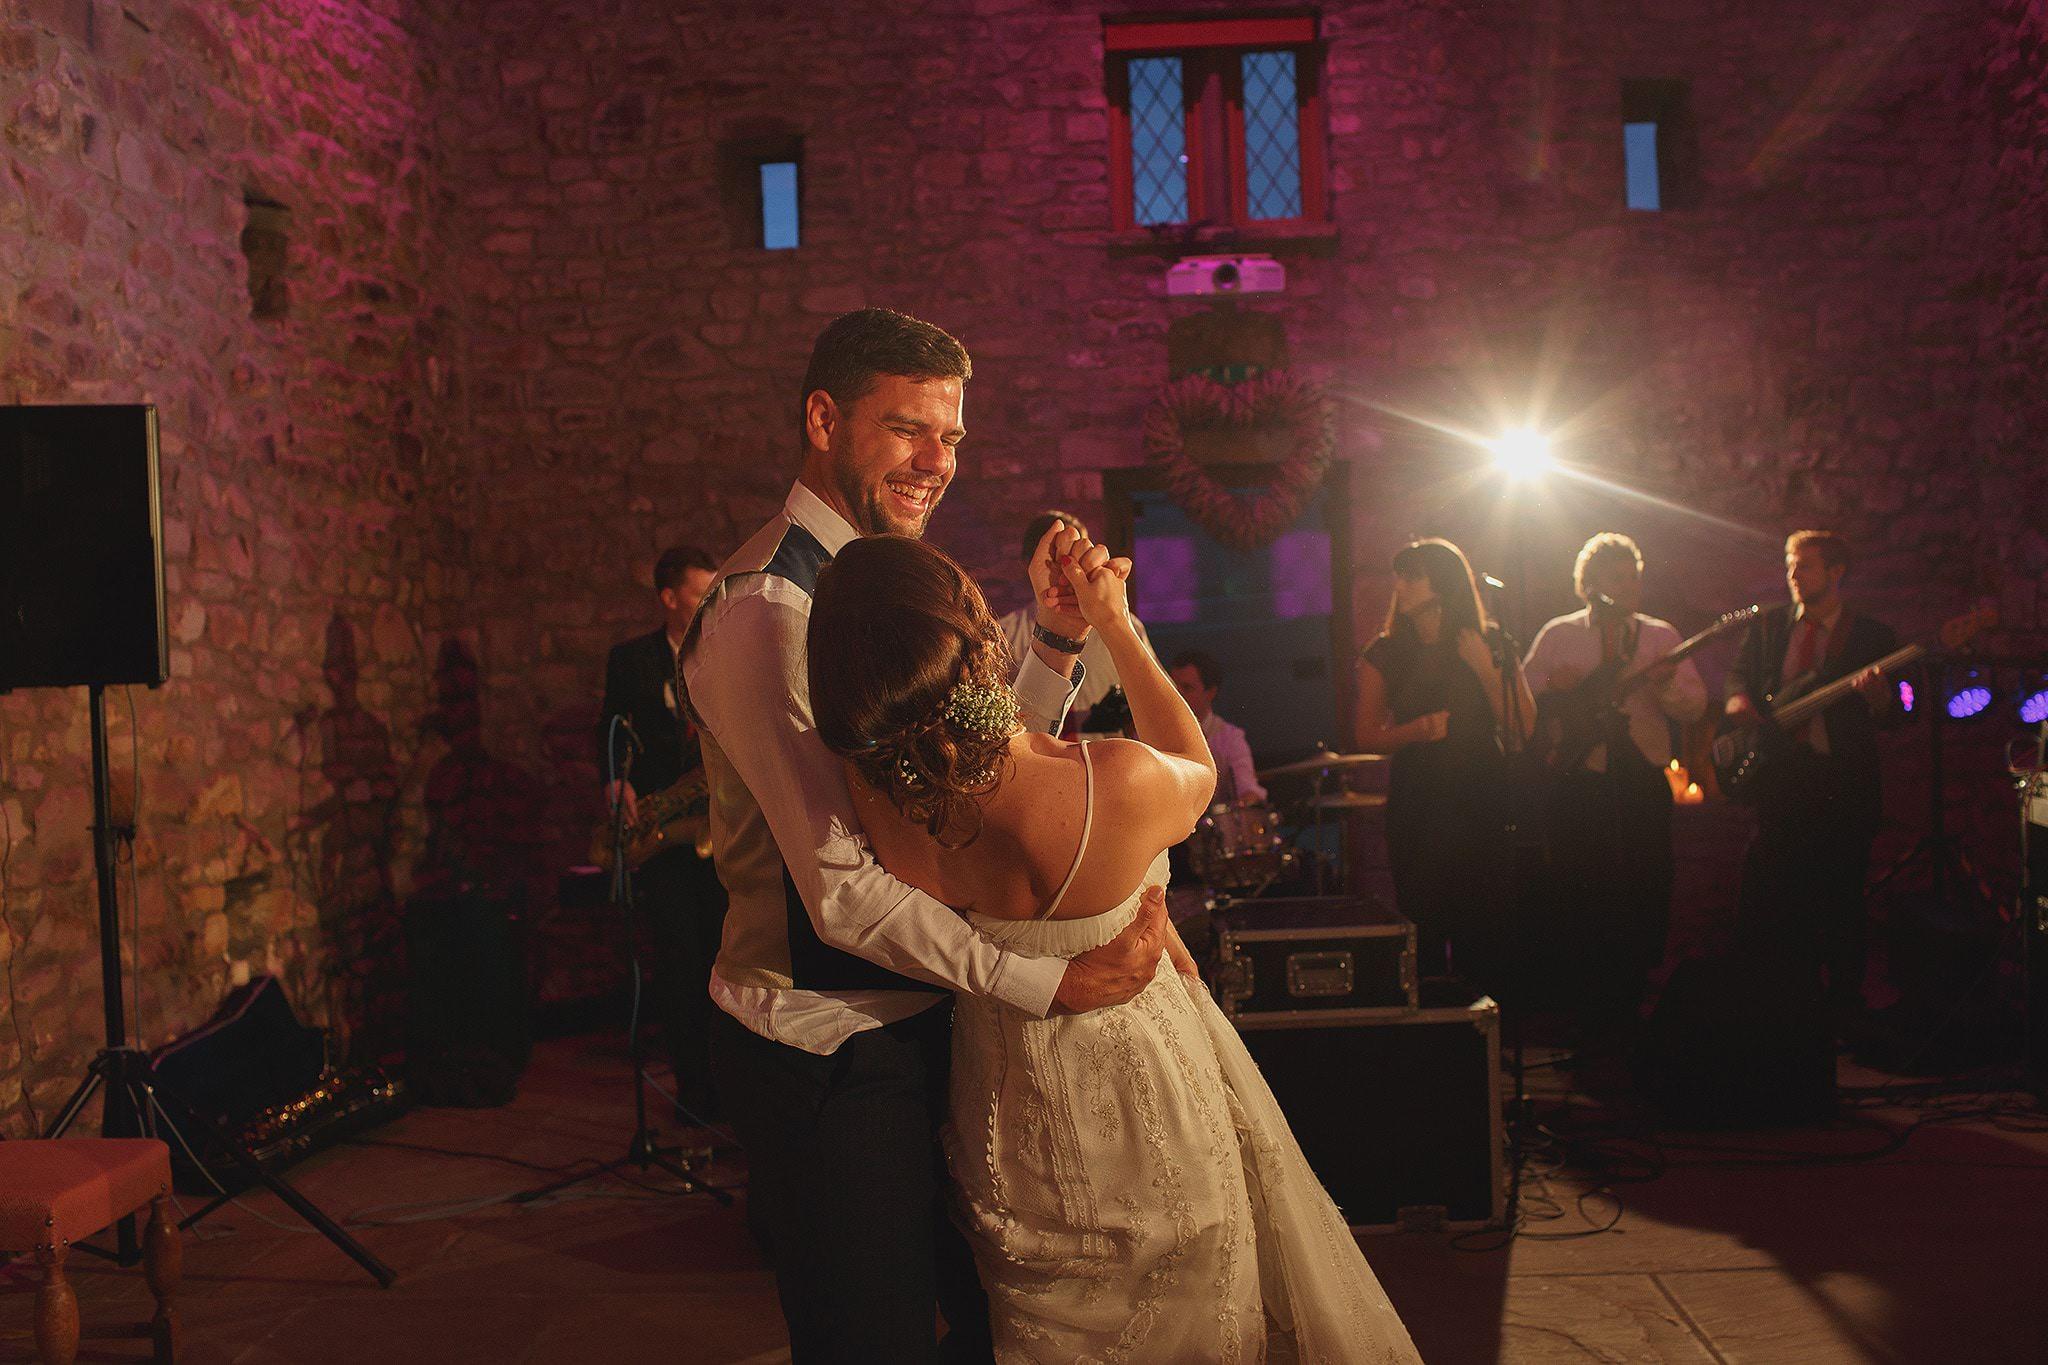 Browsholme-Hall-Wedding-Photographer-Toni-Darcy050